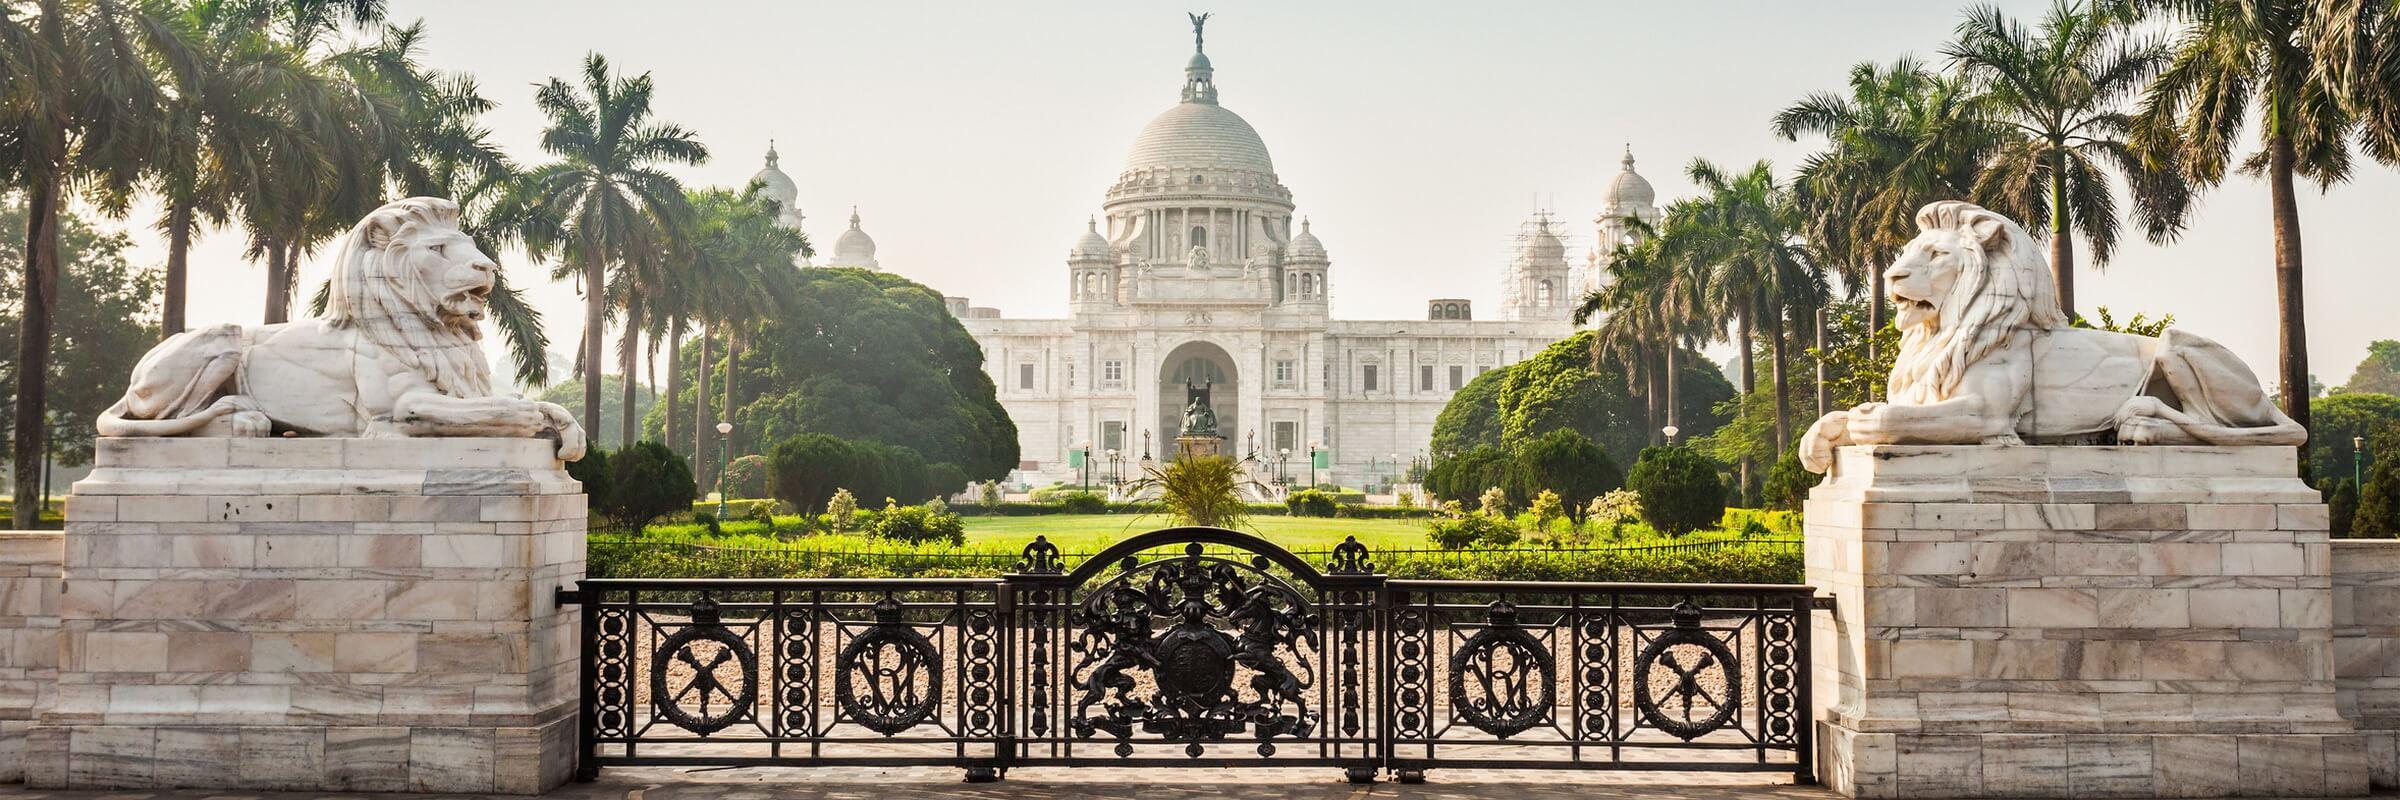 Das 1921 zu Ehren der Königin Victoria von Großbritannien erbaute Victoria Memorial ist das bedeutendste Monument der britischen Kolonialzeit und eines der Wahrzeichen von Kalkutta.